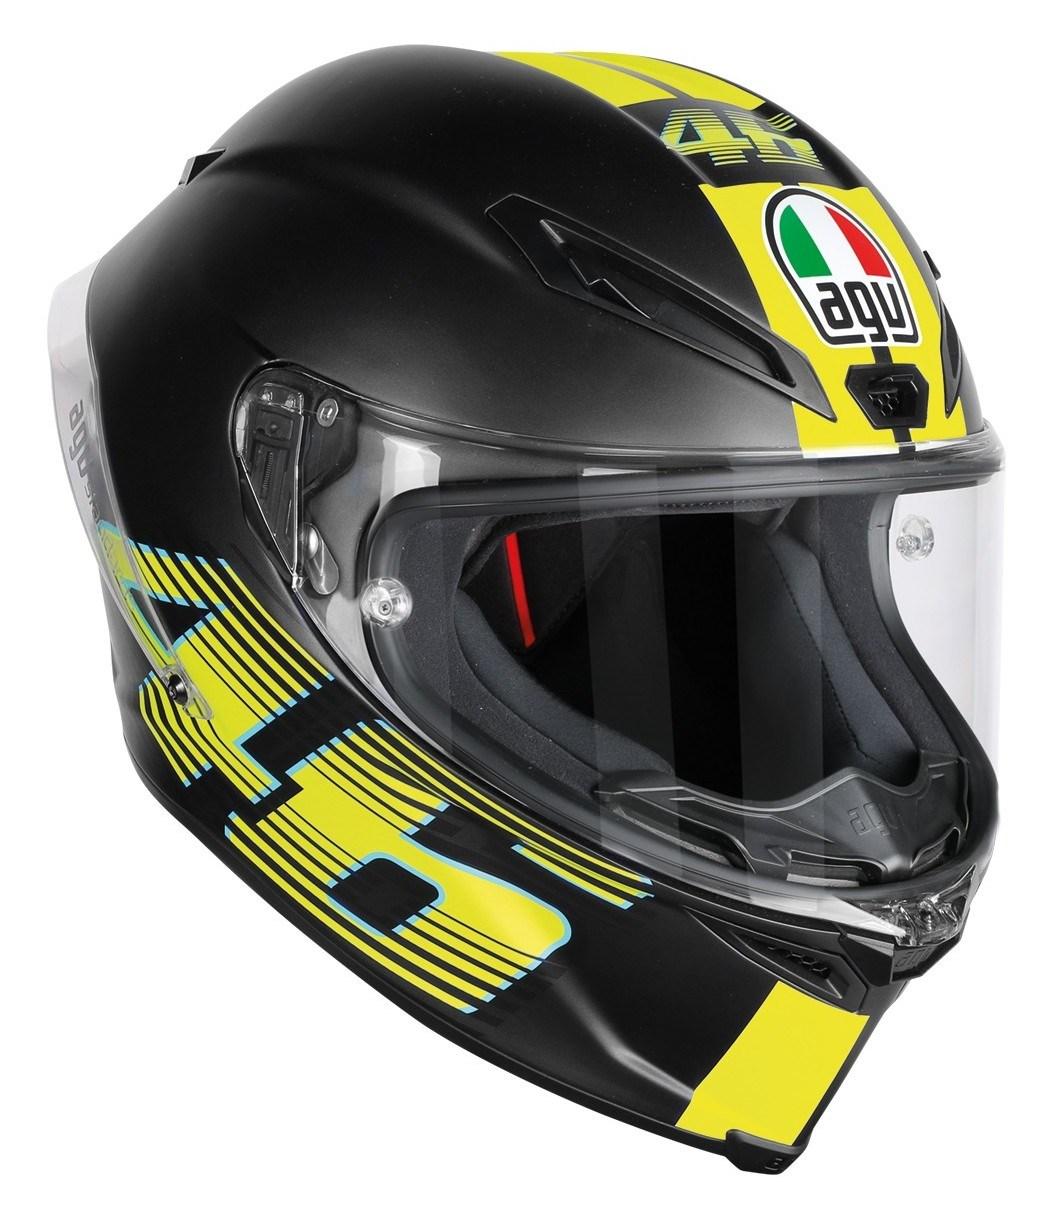 Mũ bảo hiểm hãng AGV Helmet